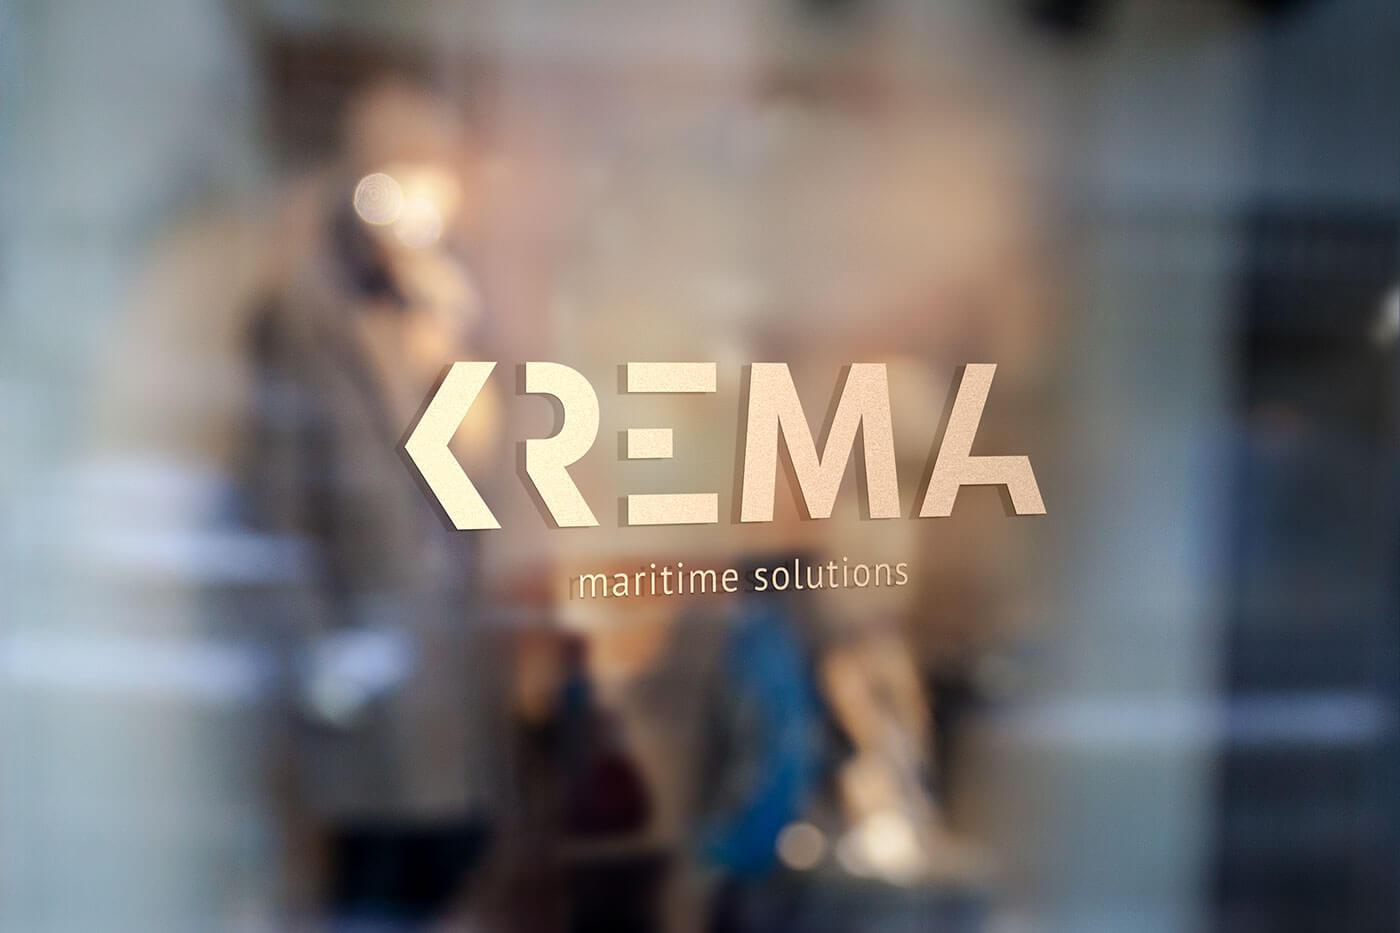 Logo mit Goldfolie für das Luxus-Yachtunternehmen Krema